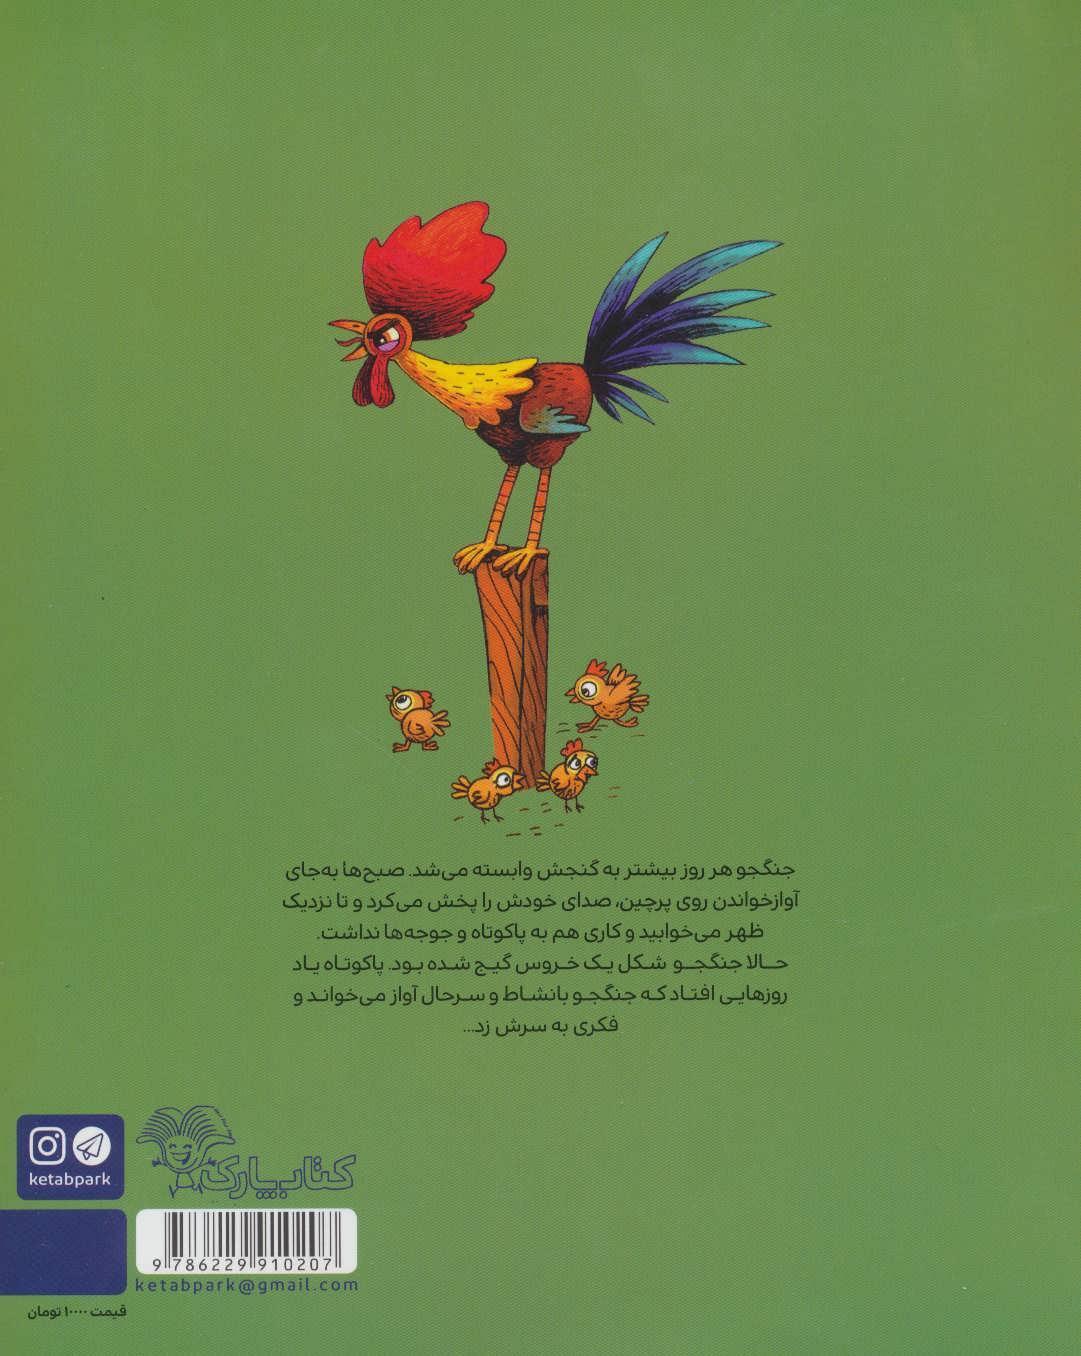 قصه های رنگین کمان 3 (گنج خروس جنگجو)،(گلاسه)